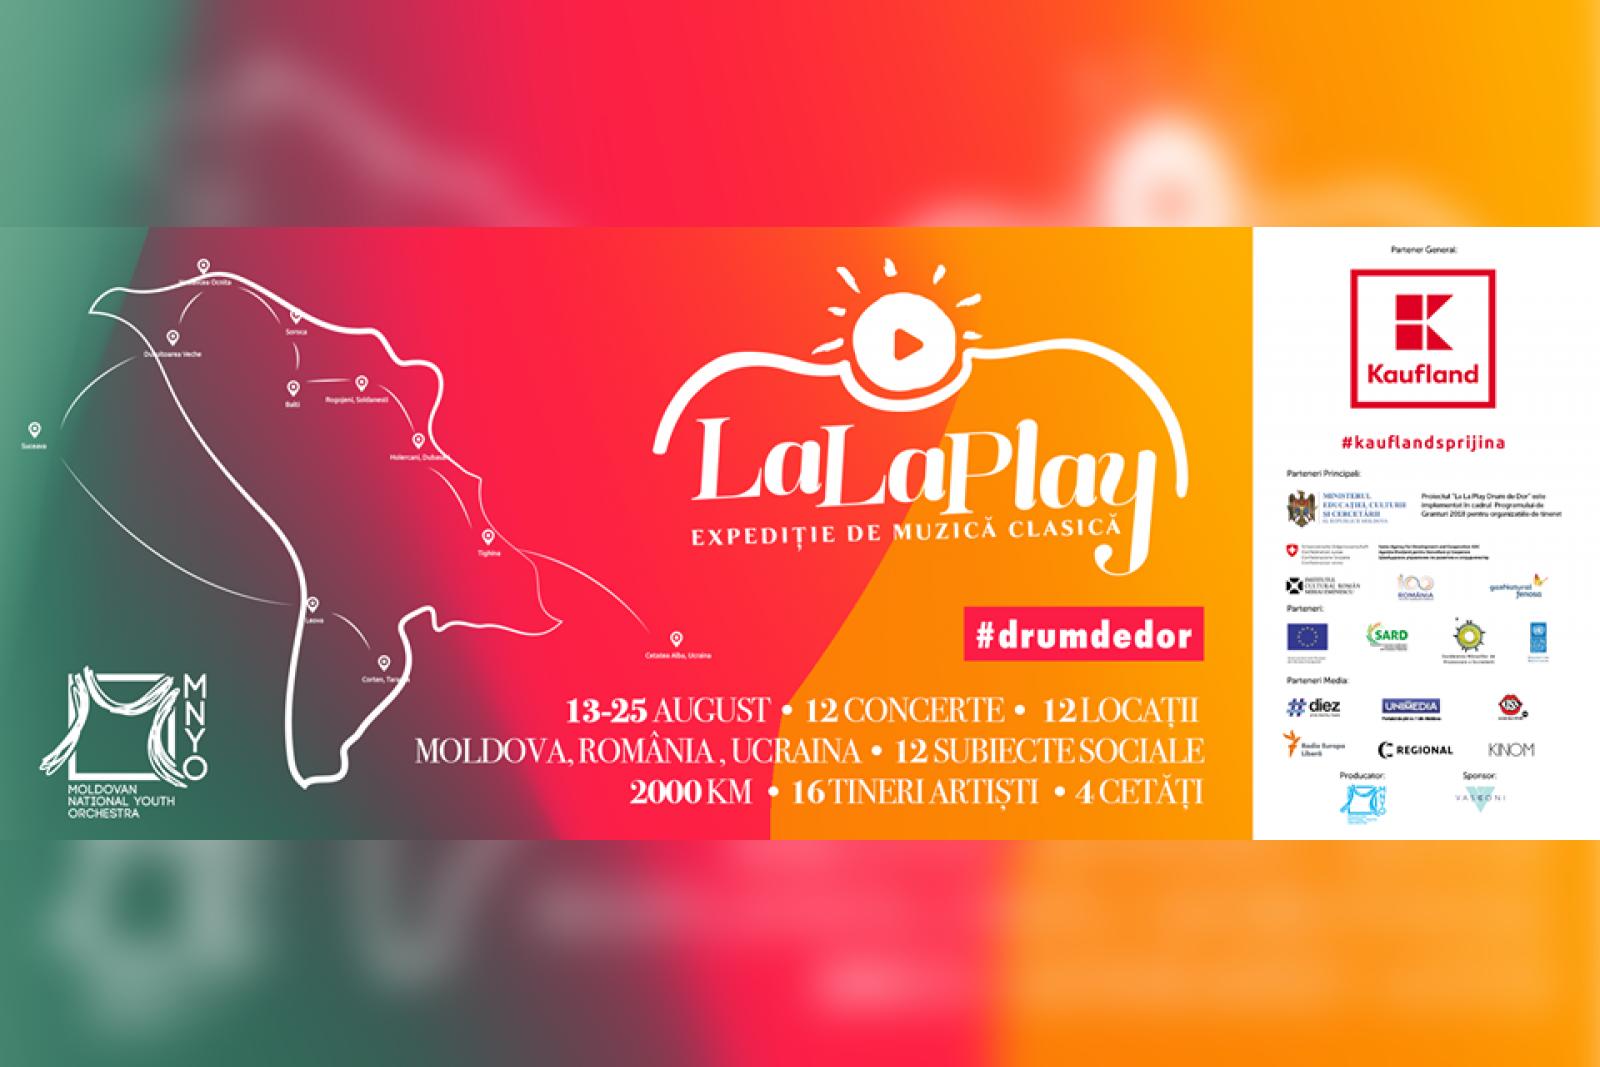 """Expediția de Muzică Clasică """"La La Play"""" ediția 2018. Șaisprezece tineri muzicieni, jurnaliști, fotografi și regizori vor traversa 2000 km"""